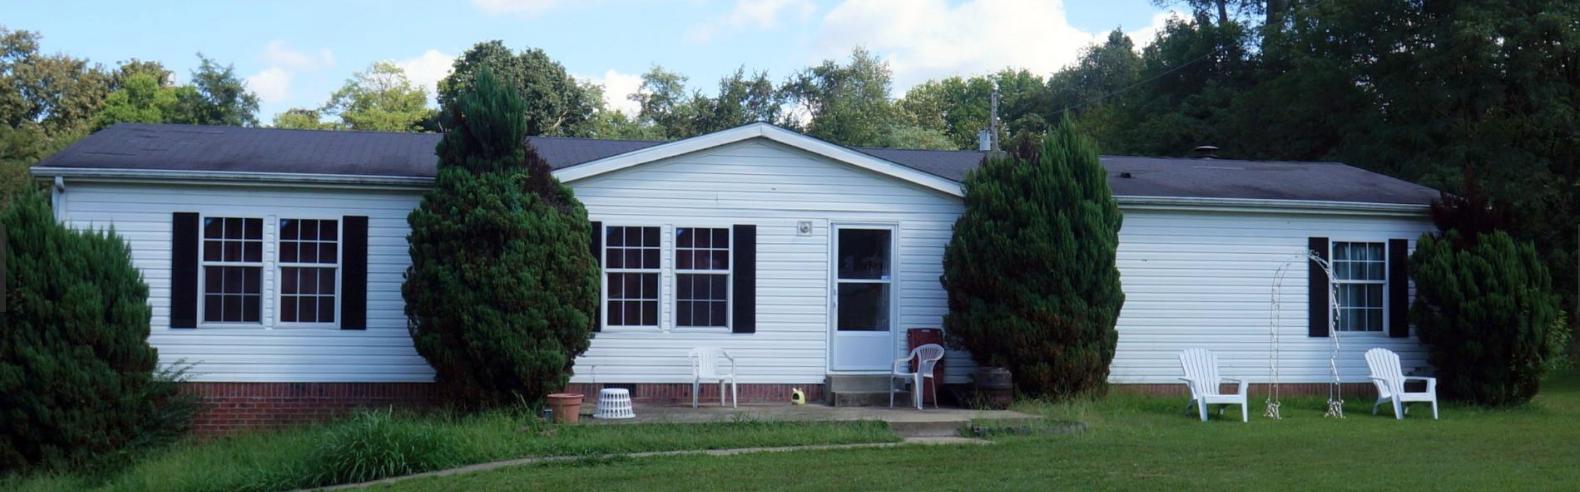 Pembroke house pic